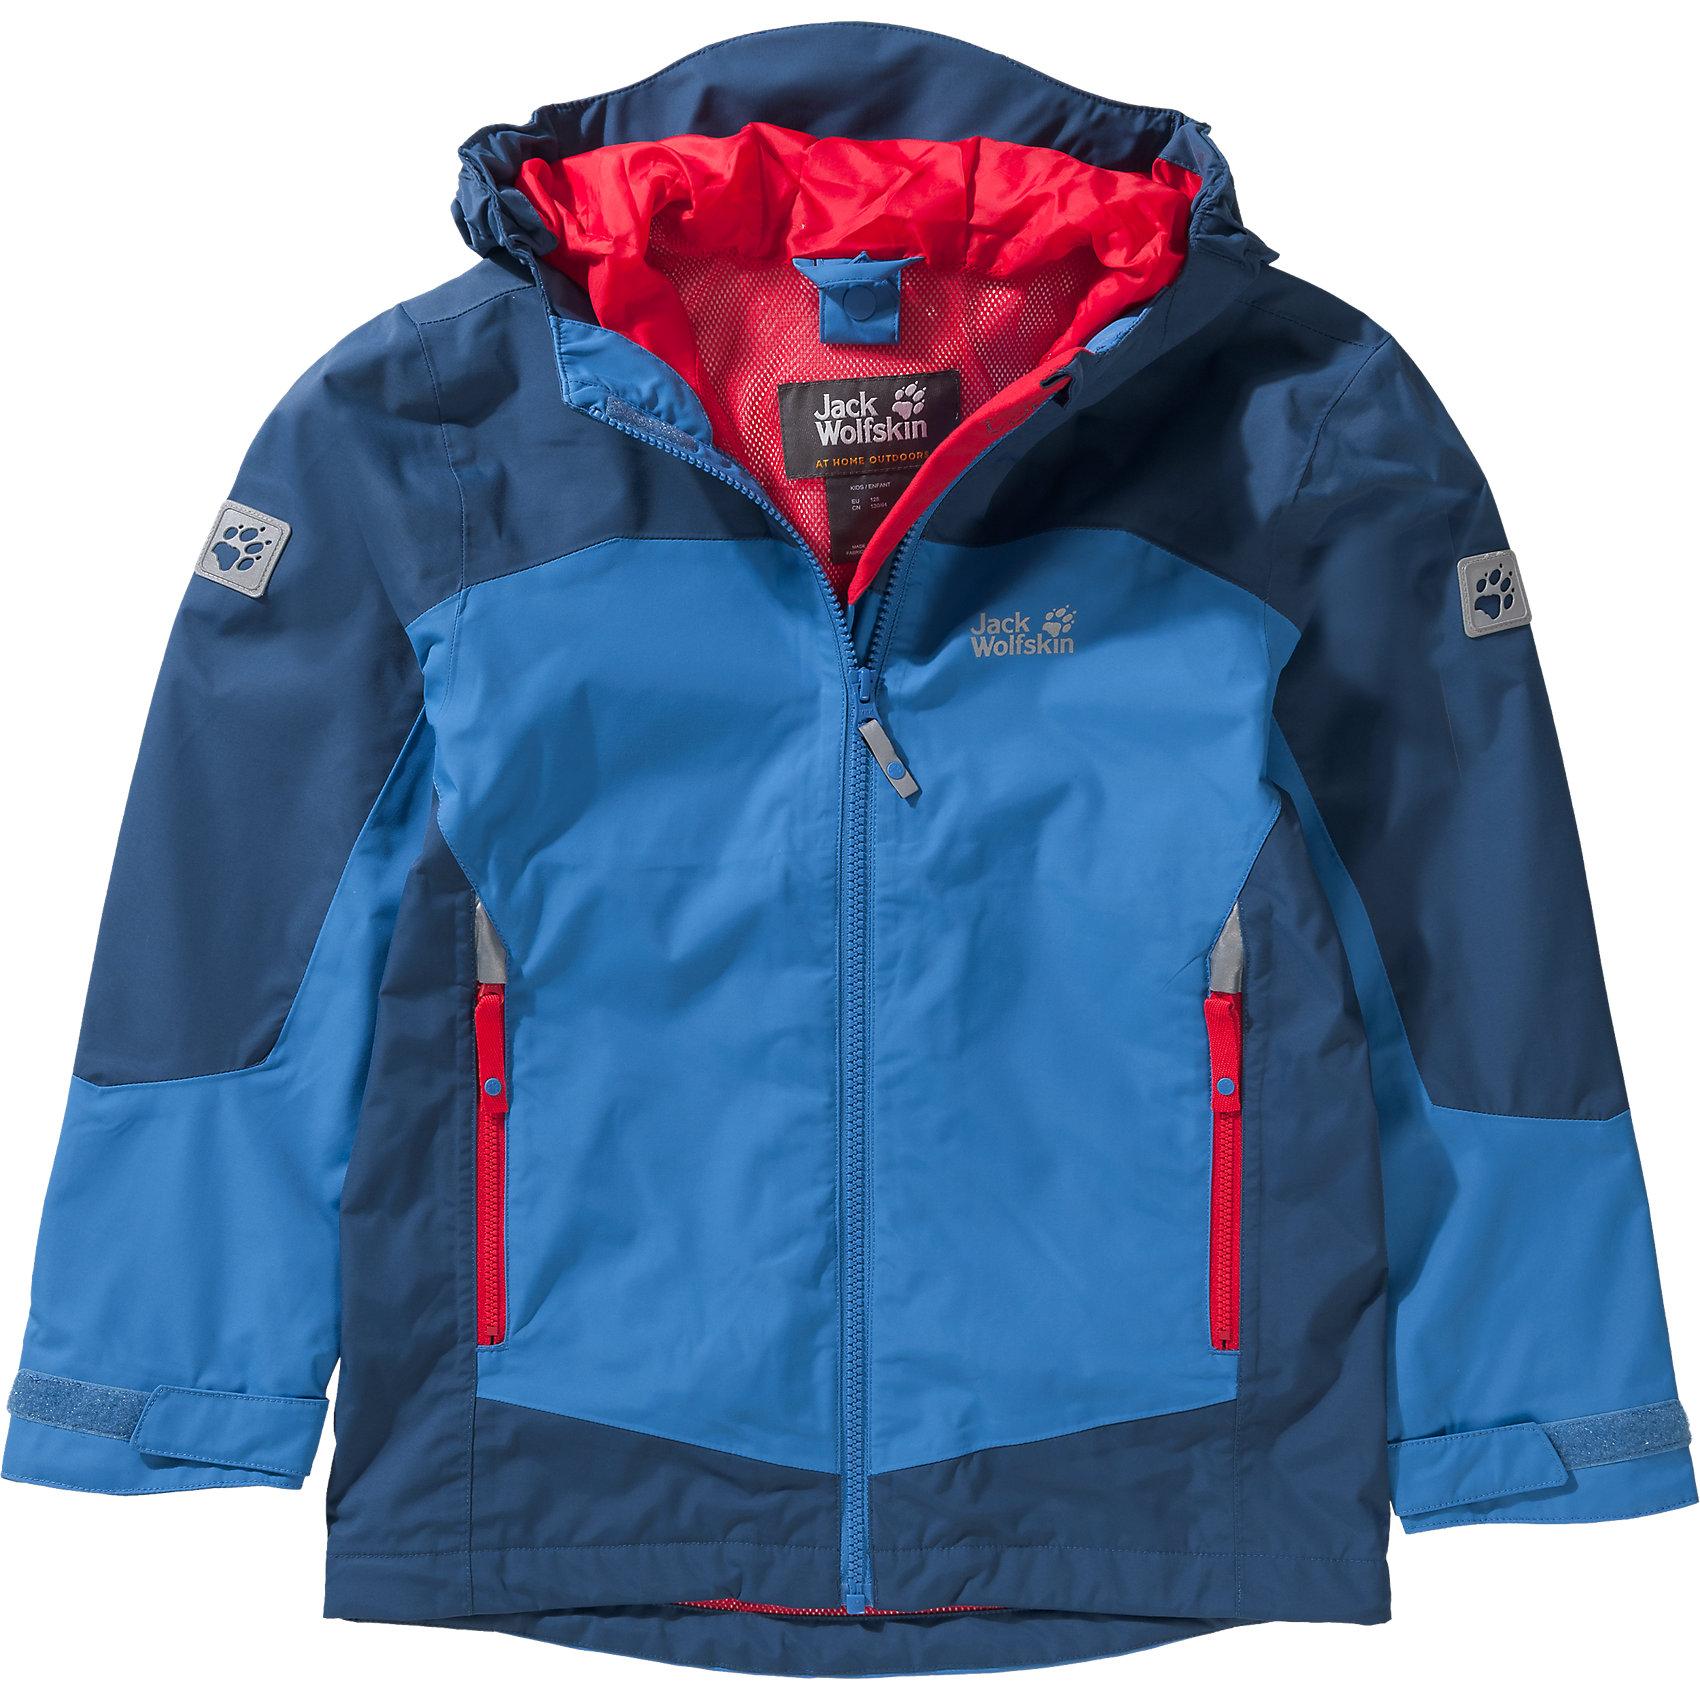 cheap for discount 99b4d bda9b Details zu Neu JACK WOLFSKIN Kinder Outdoorjacke AKKA 7353115 für Jungen  und Mädchen